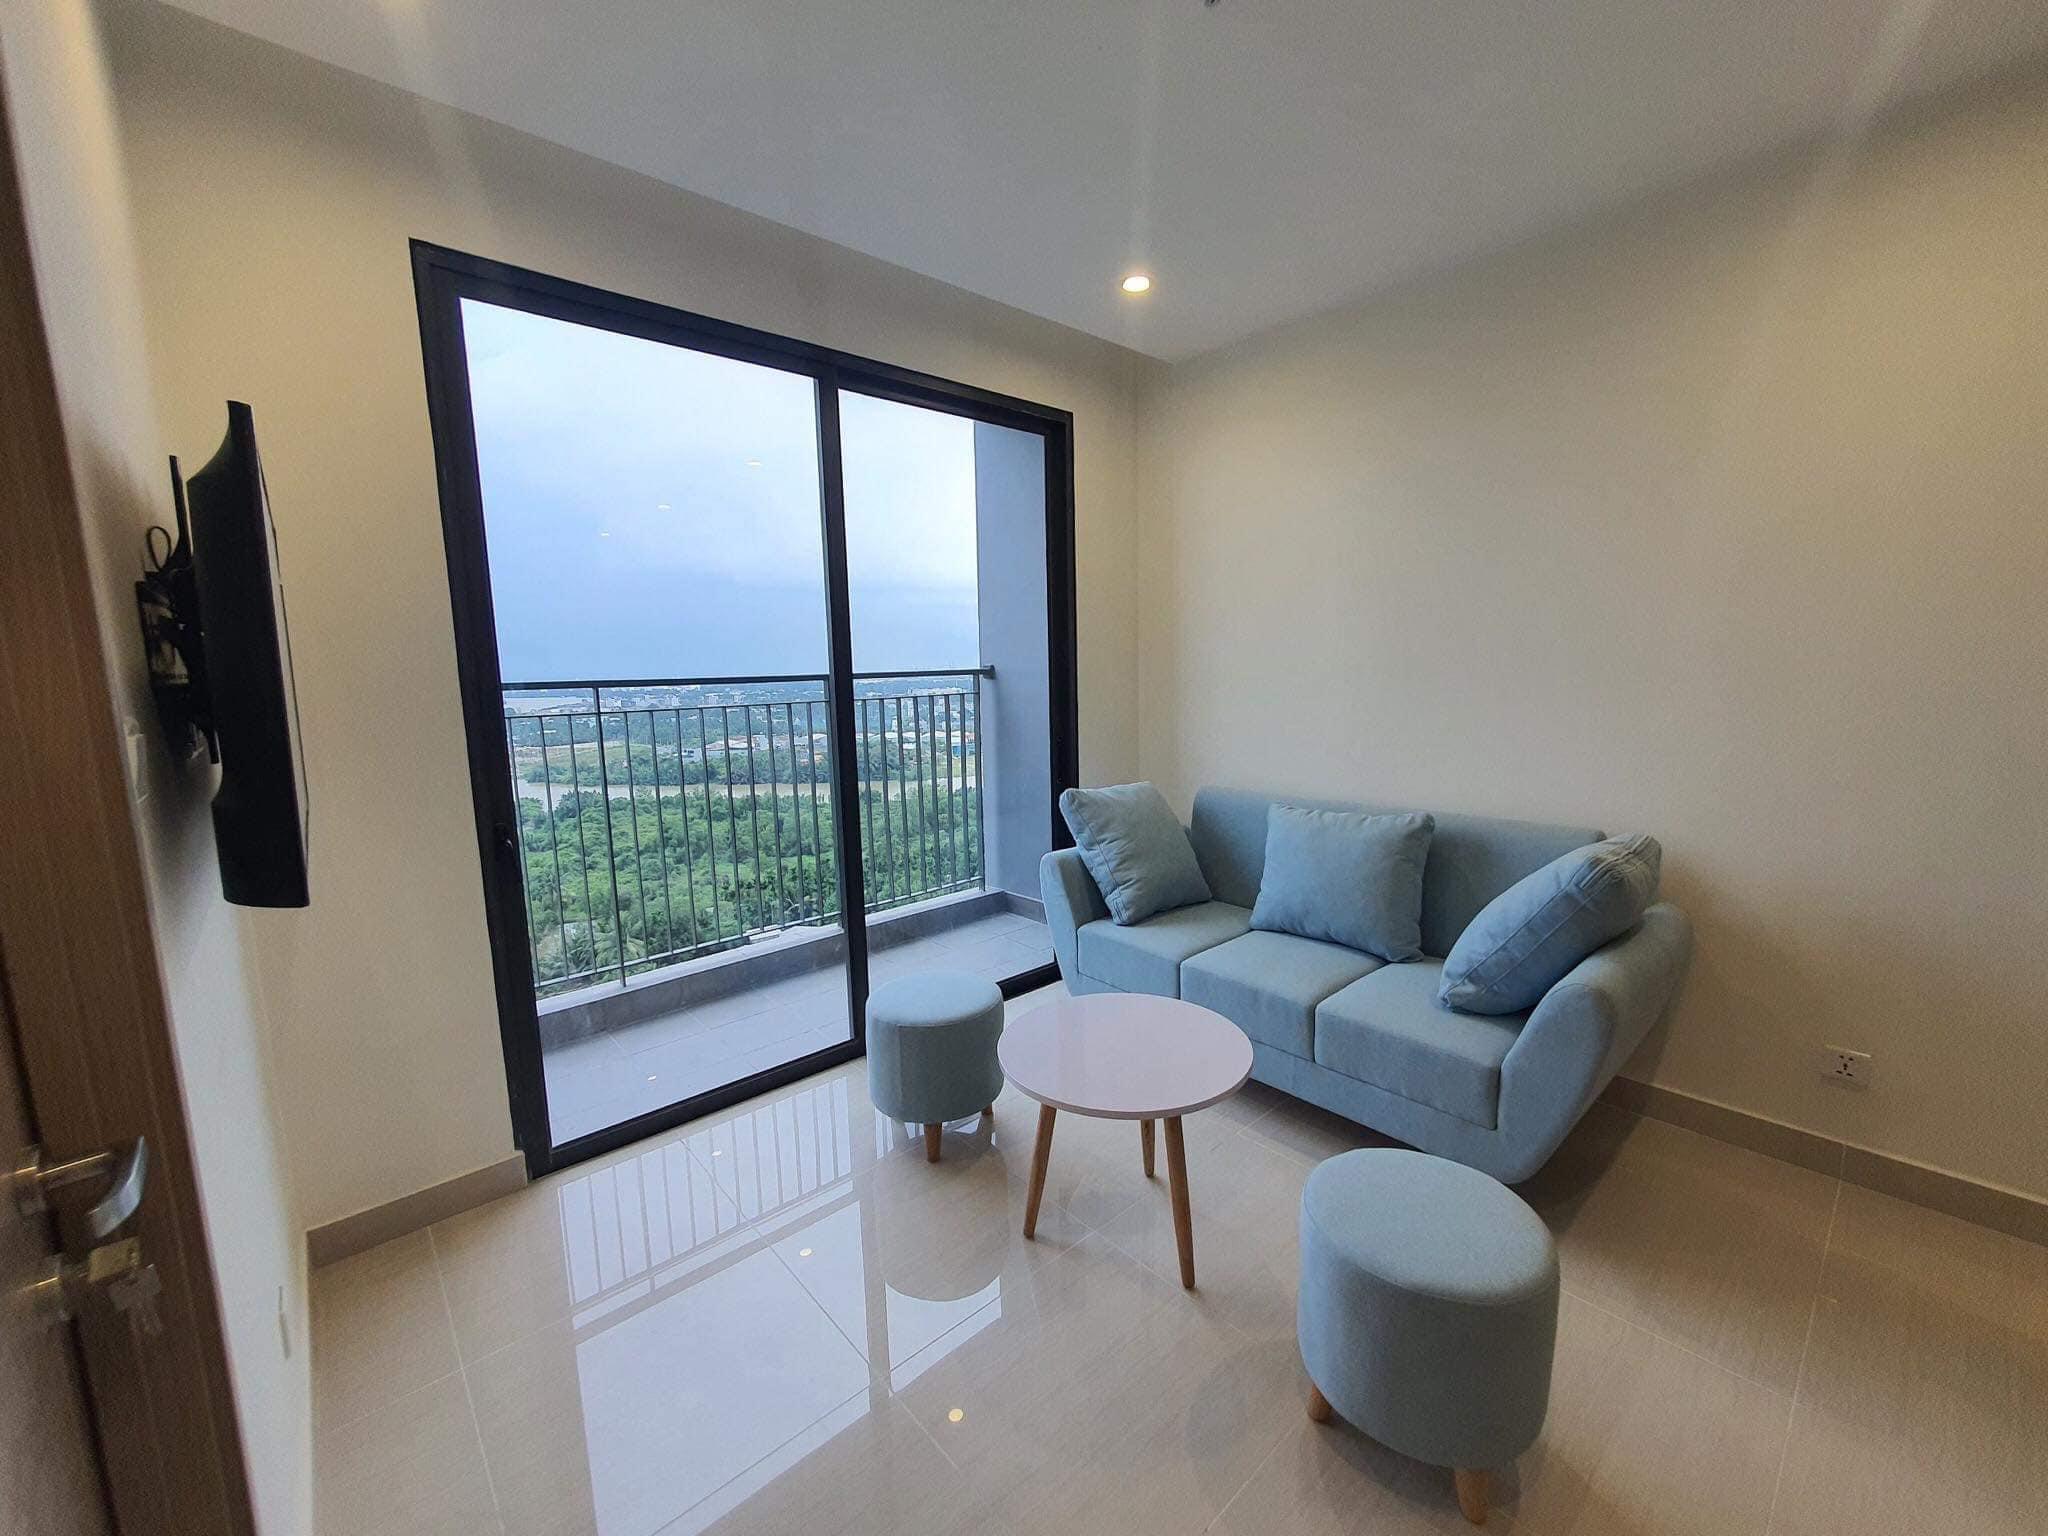 Căn hộ 2 phòng ngủ tầng 8 toà S1.06 đầy đủ nội thất giá 7,2tr/tháng